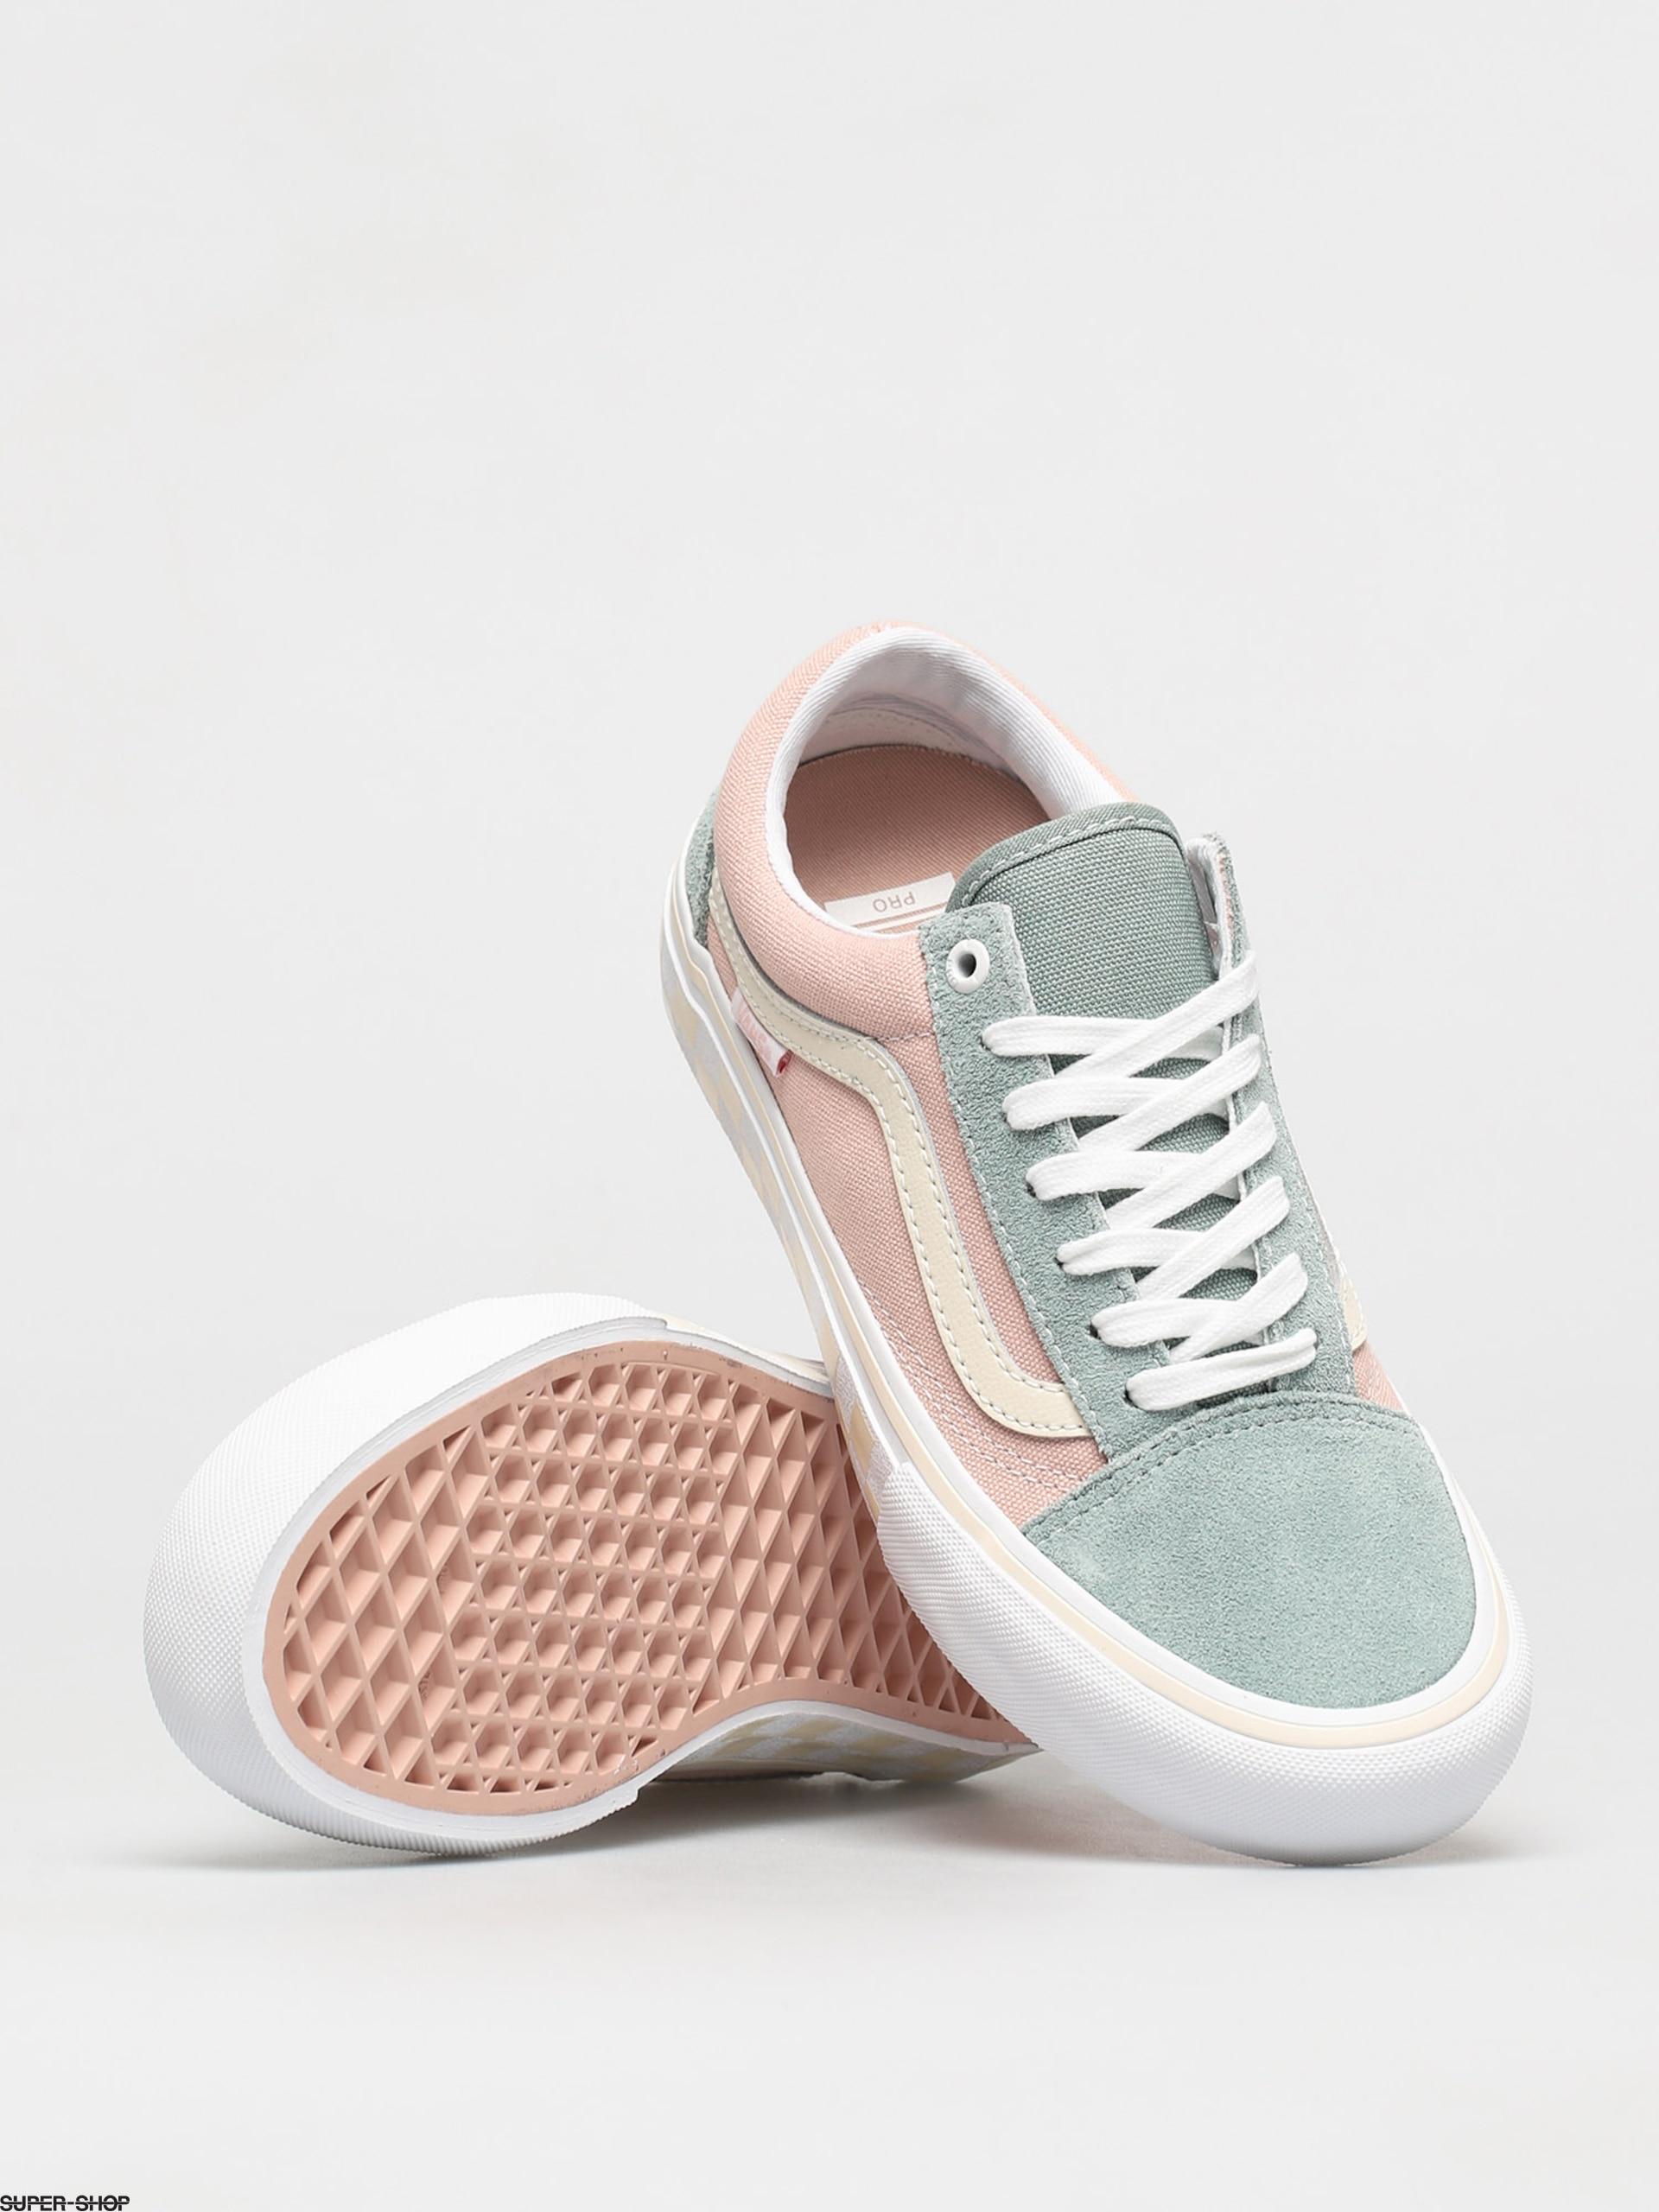 Vans Old Skool Pro Shoes (washout/peach